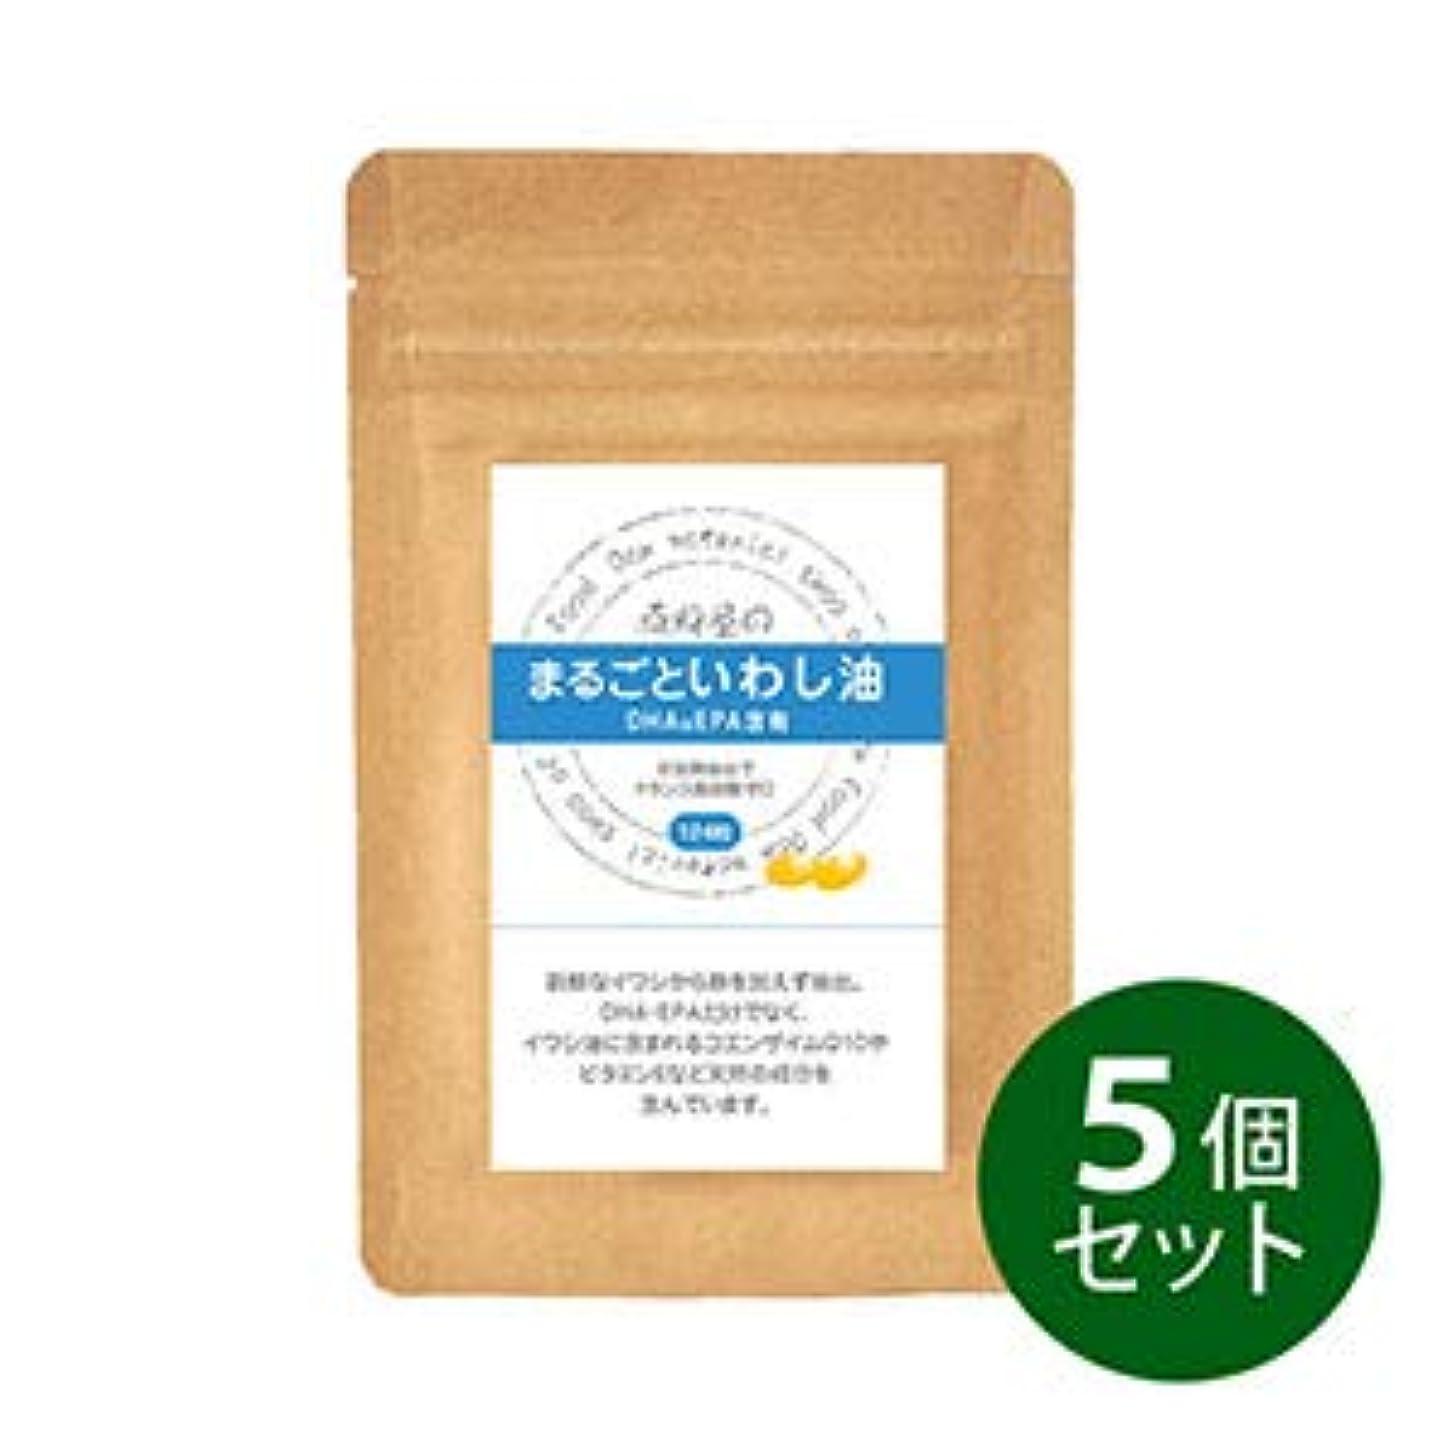 カリングタイマー天井原料屋の【まとめ買い】まるごといわし油124粒×5個セット